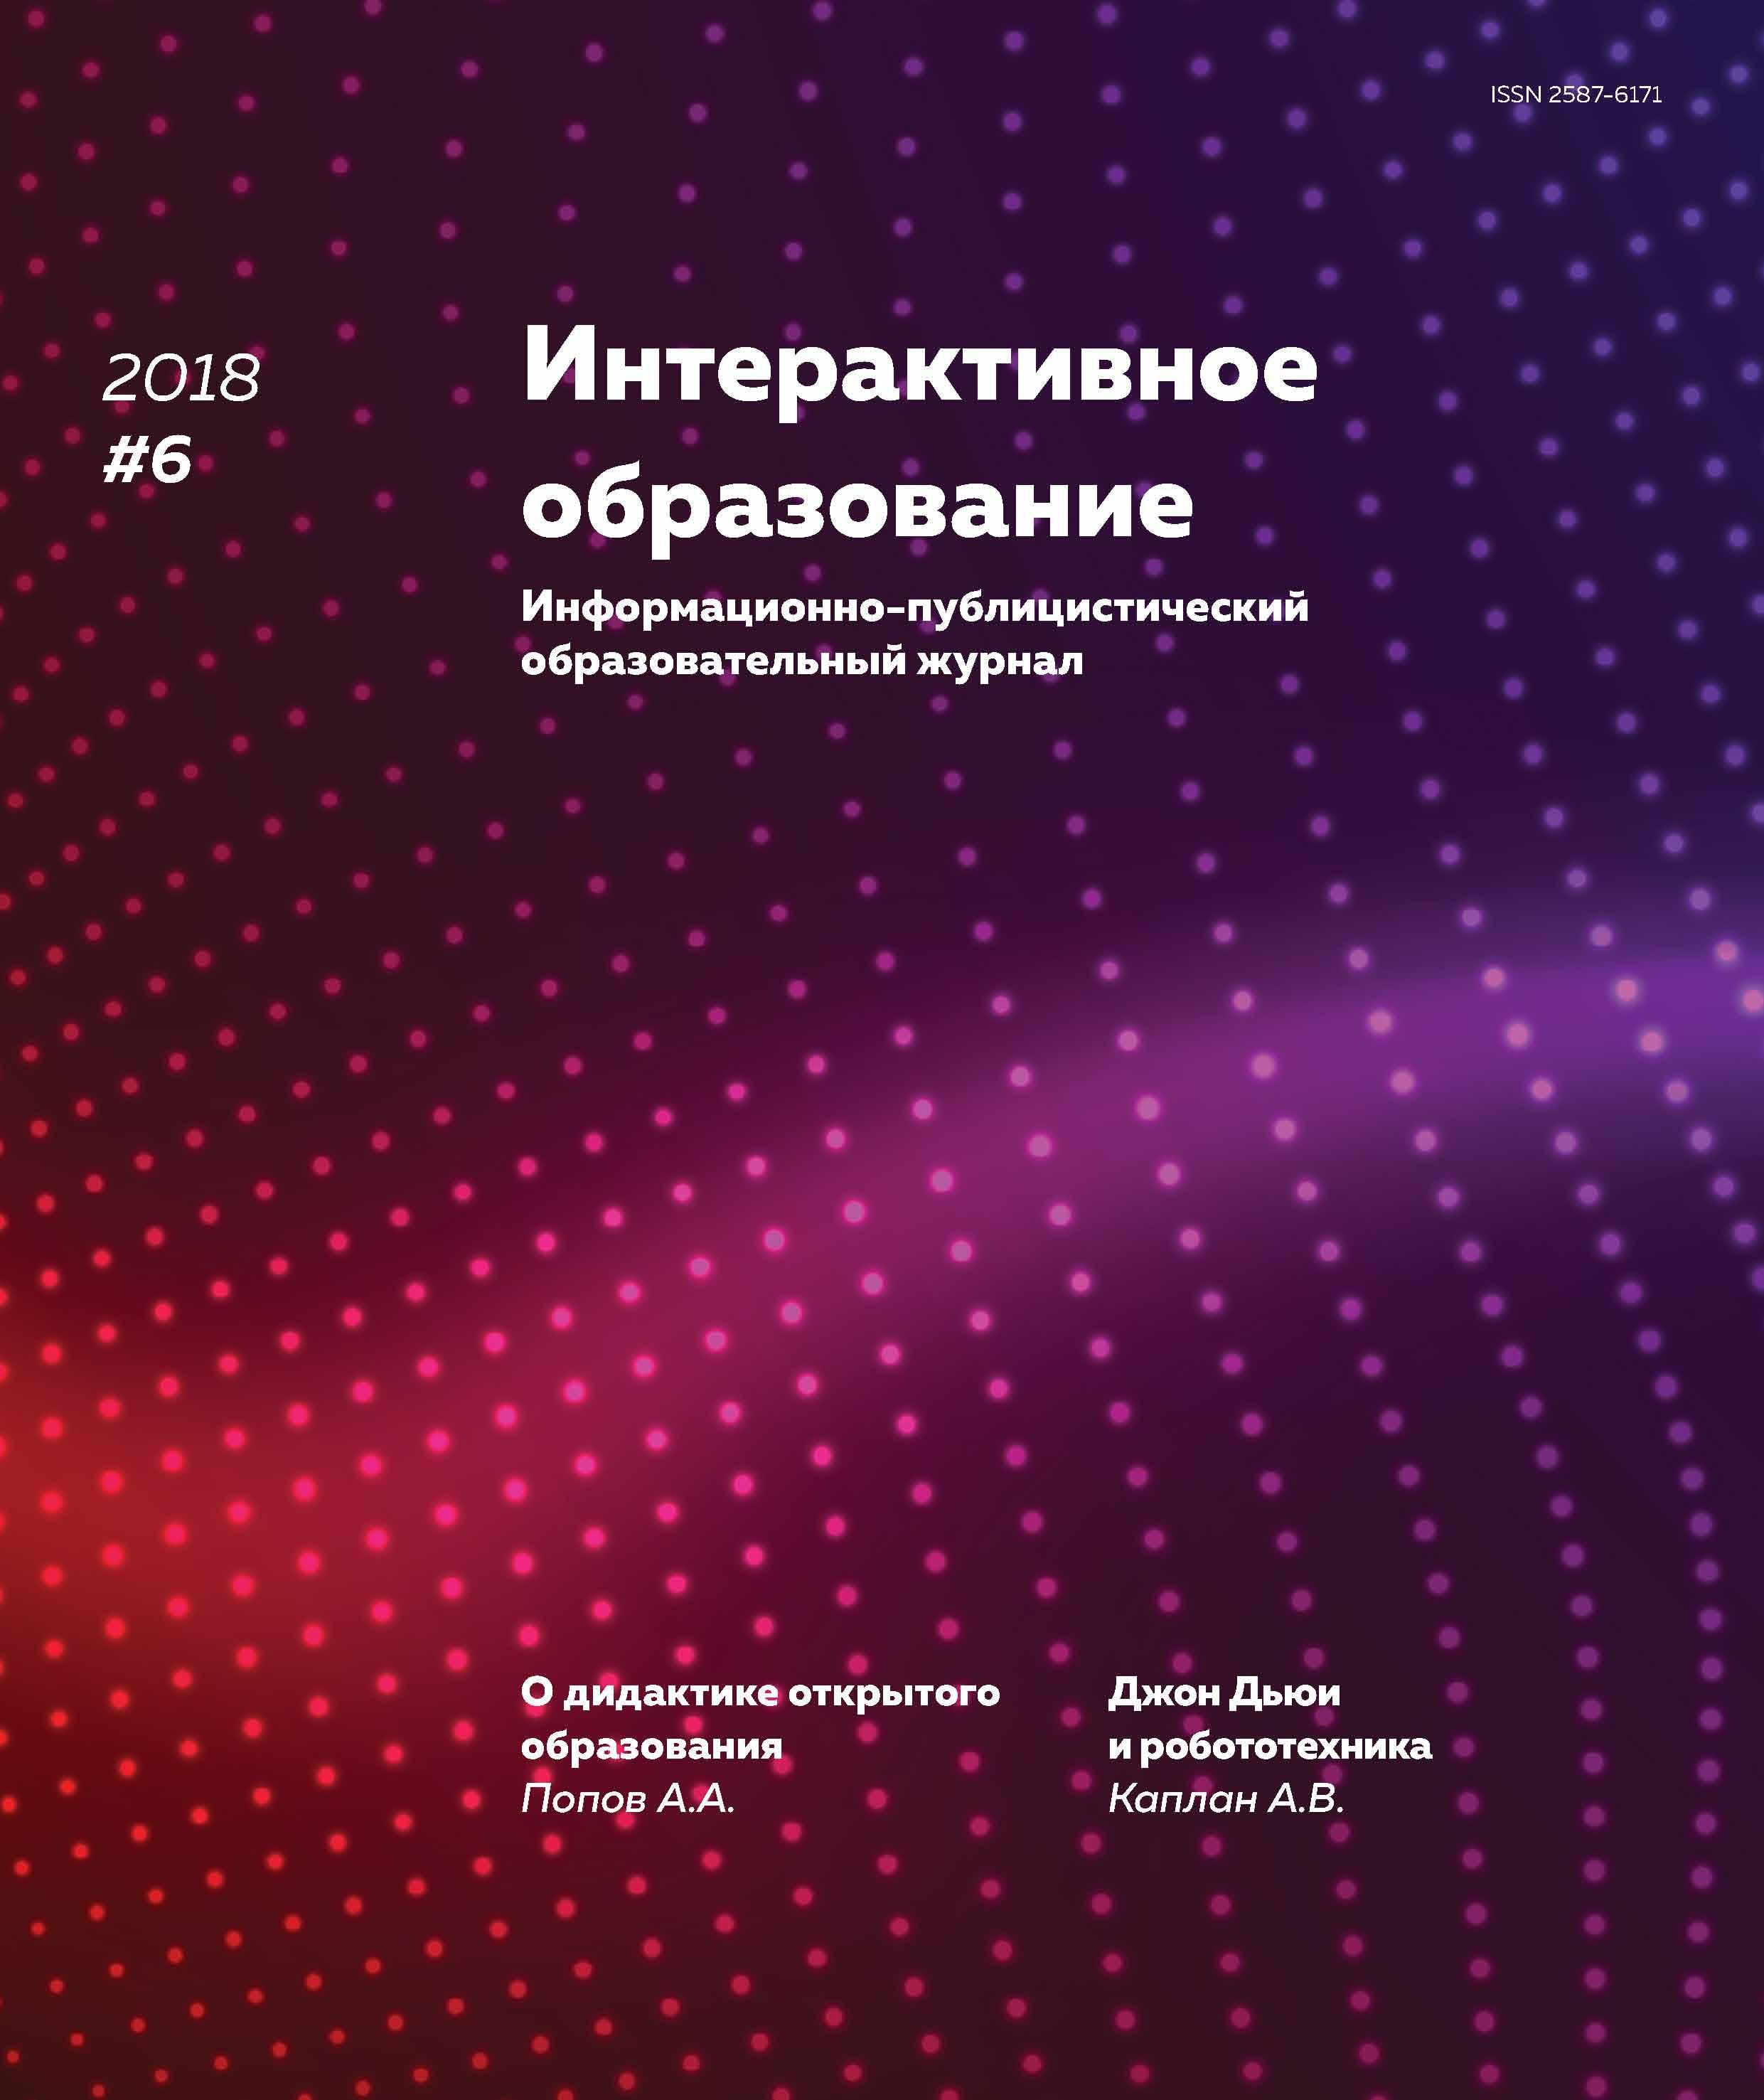 Интерактивное образование № 6 2018 г.